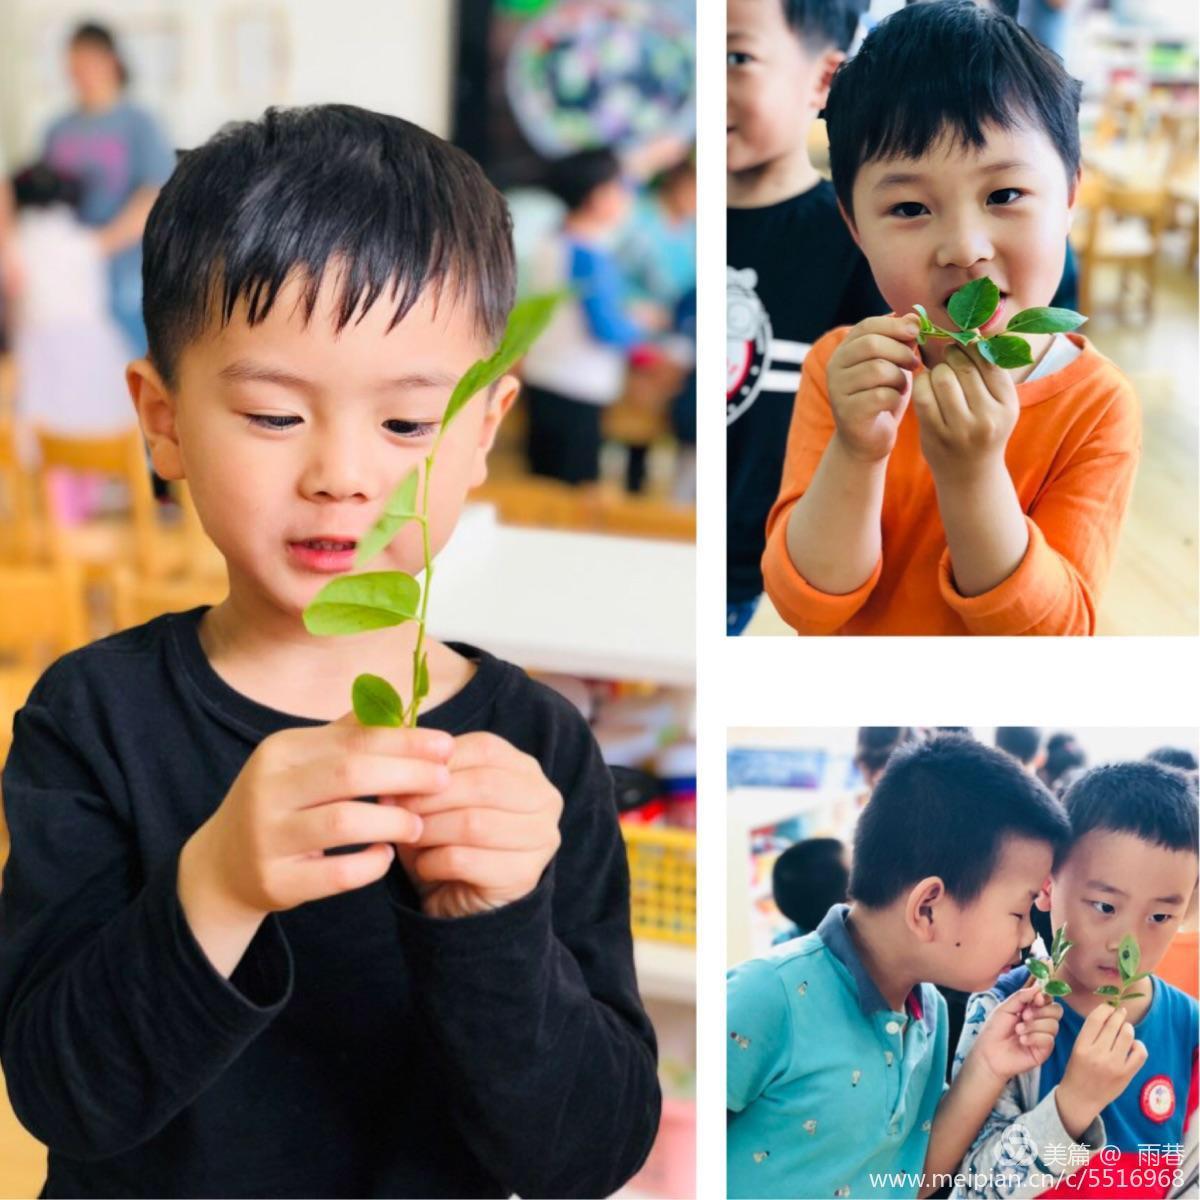 春草纷碧色,夏木已成荫——学思路幼儿园二十四节气课堂之立夏活动图片